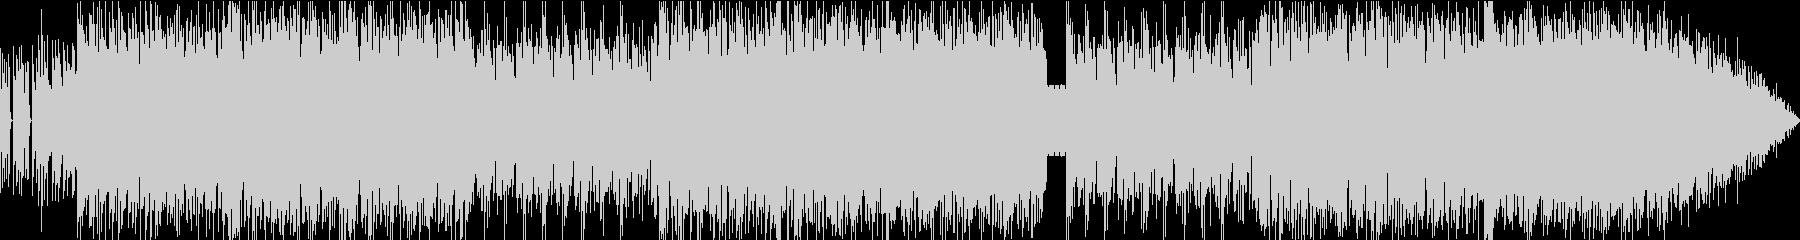 アコースティックなサウンドかつファンキーの未再生の波形